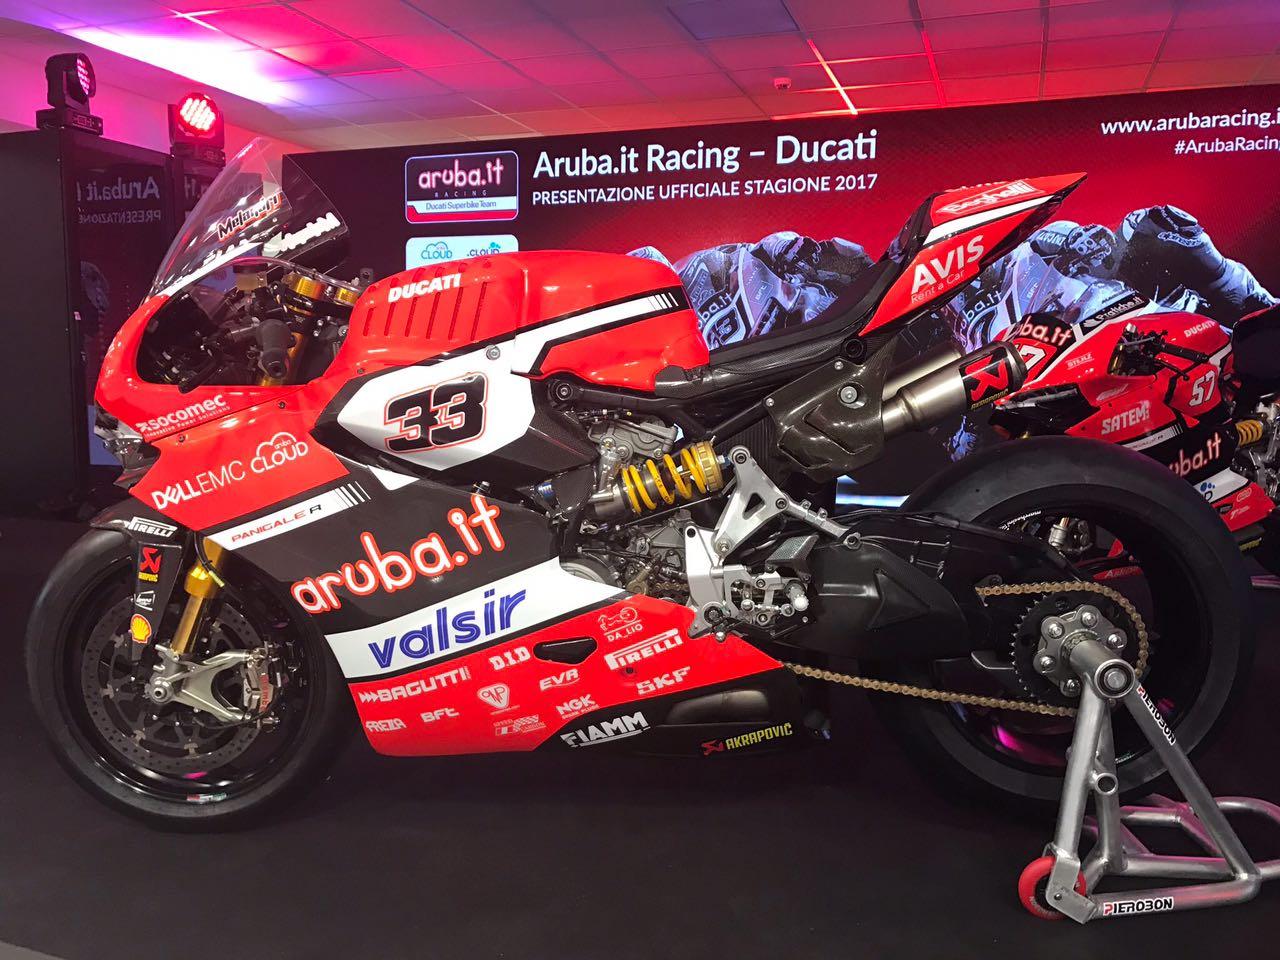 aruba_racing_ducati_wsbk_2017-2